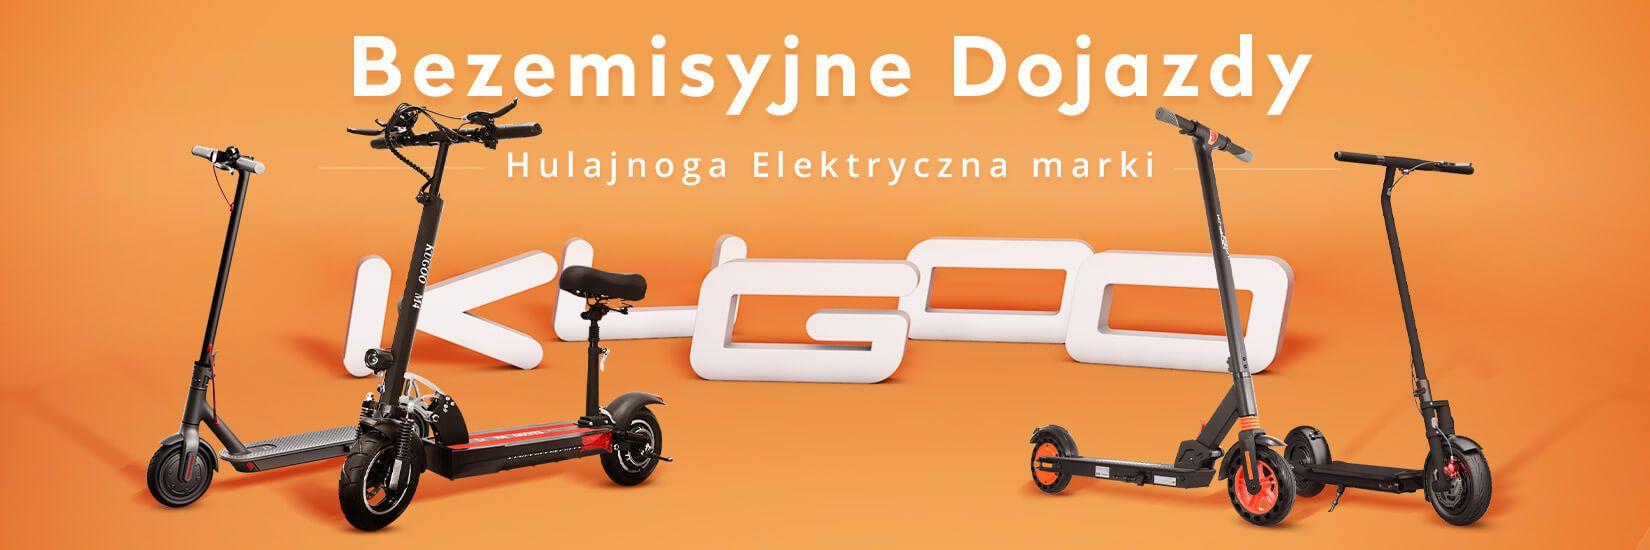 Hulajnoga Elektryczna marki KUGOO - Geekbuying.pl